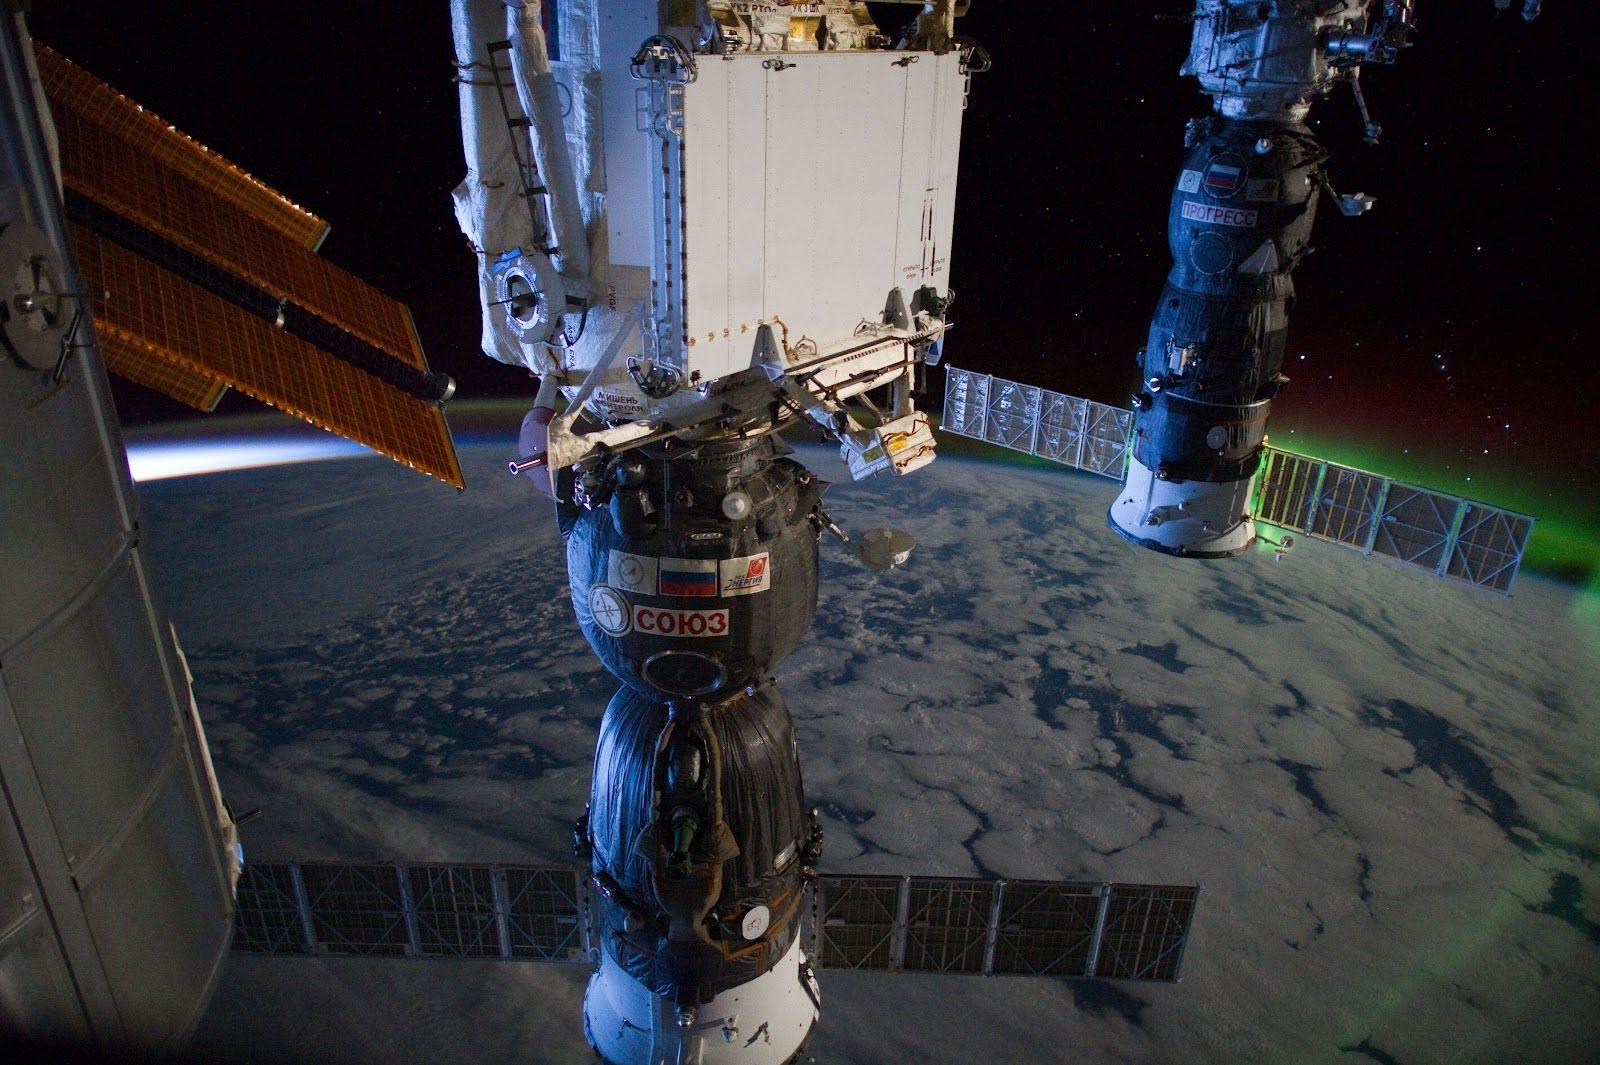 Progress M-14M & Soyuz TMA-03M (ISS)